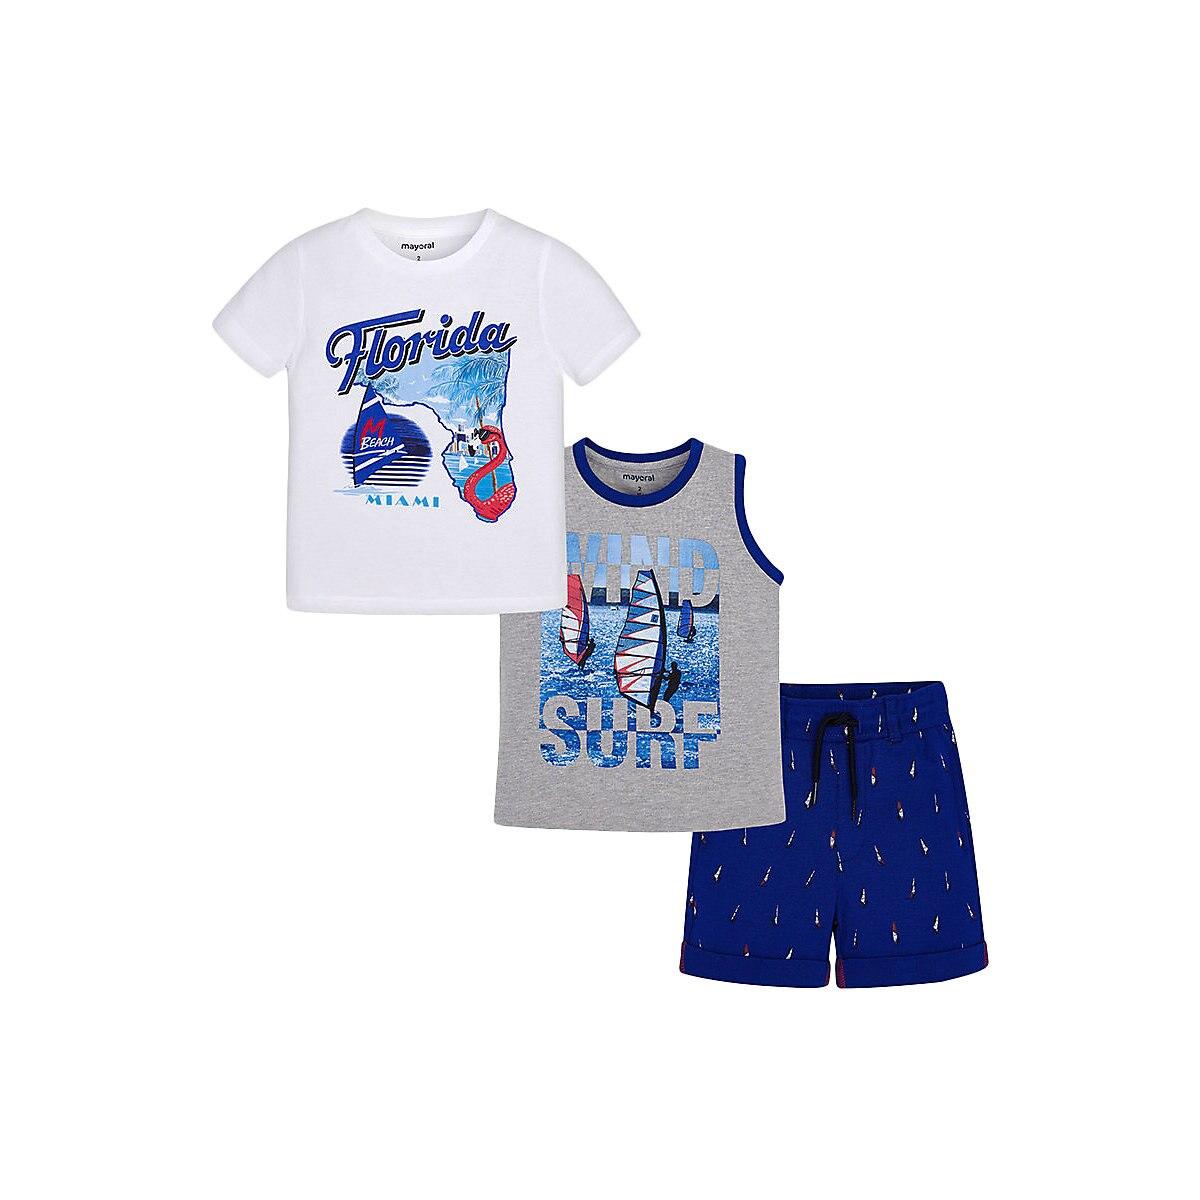 Conjuntos de niños MAYORAL 10681463 conjunto de ropa para niños pantalones camiseta piernas camisa pantalones cortos niñas y niños